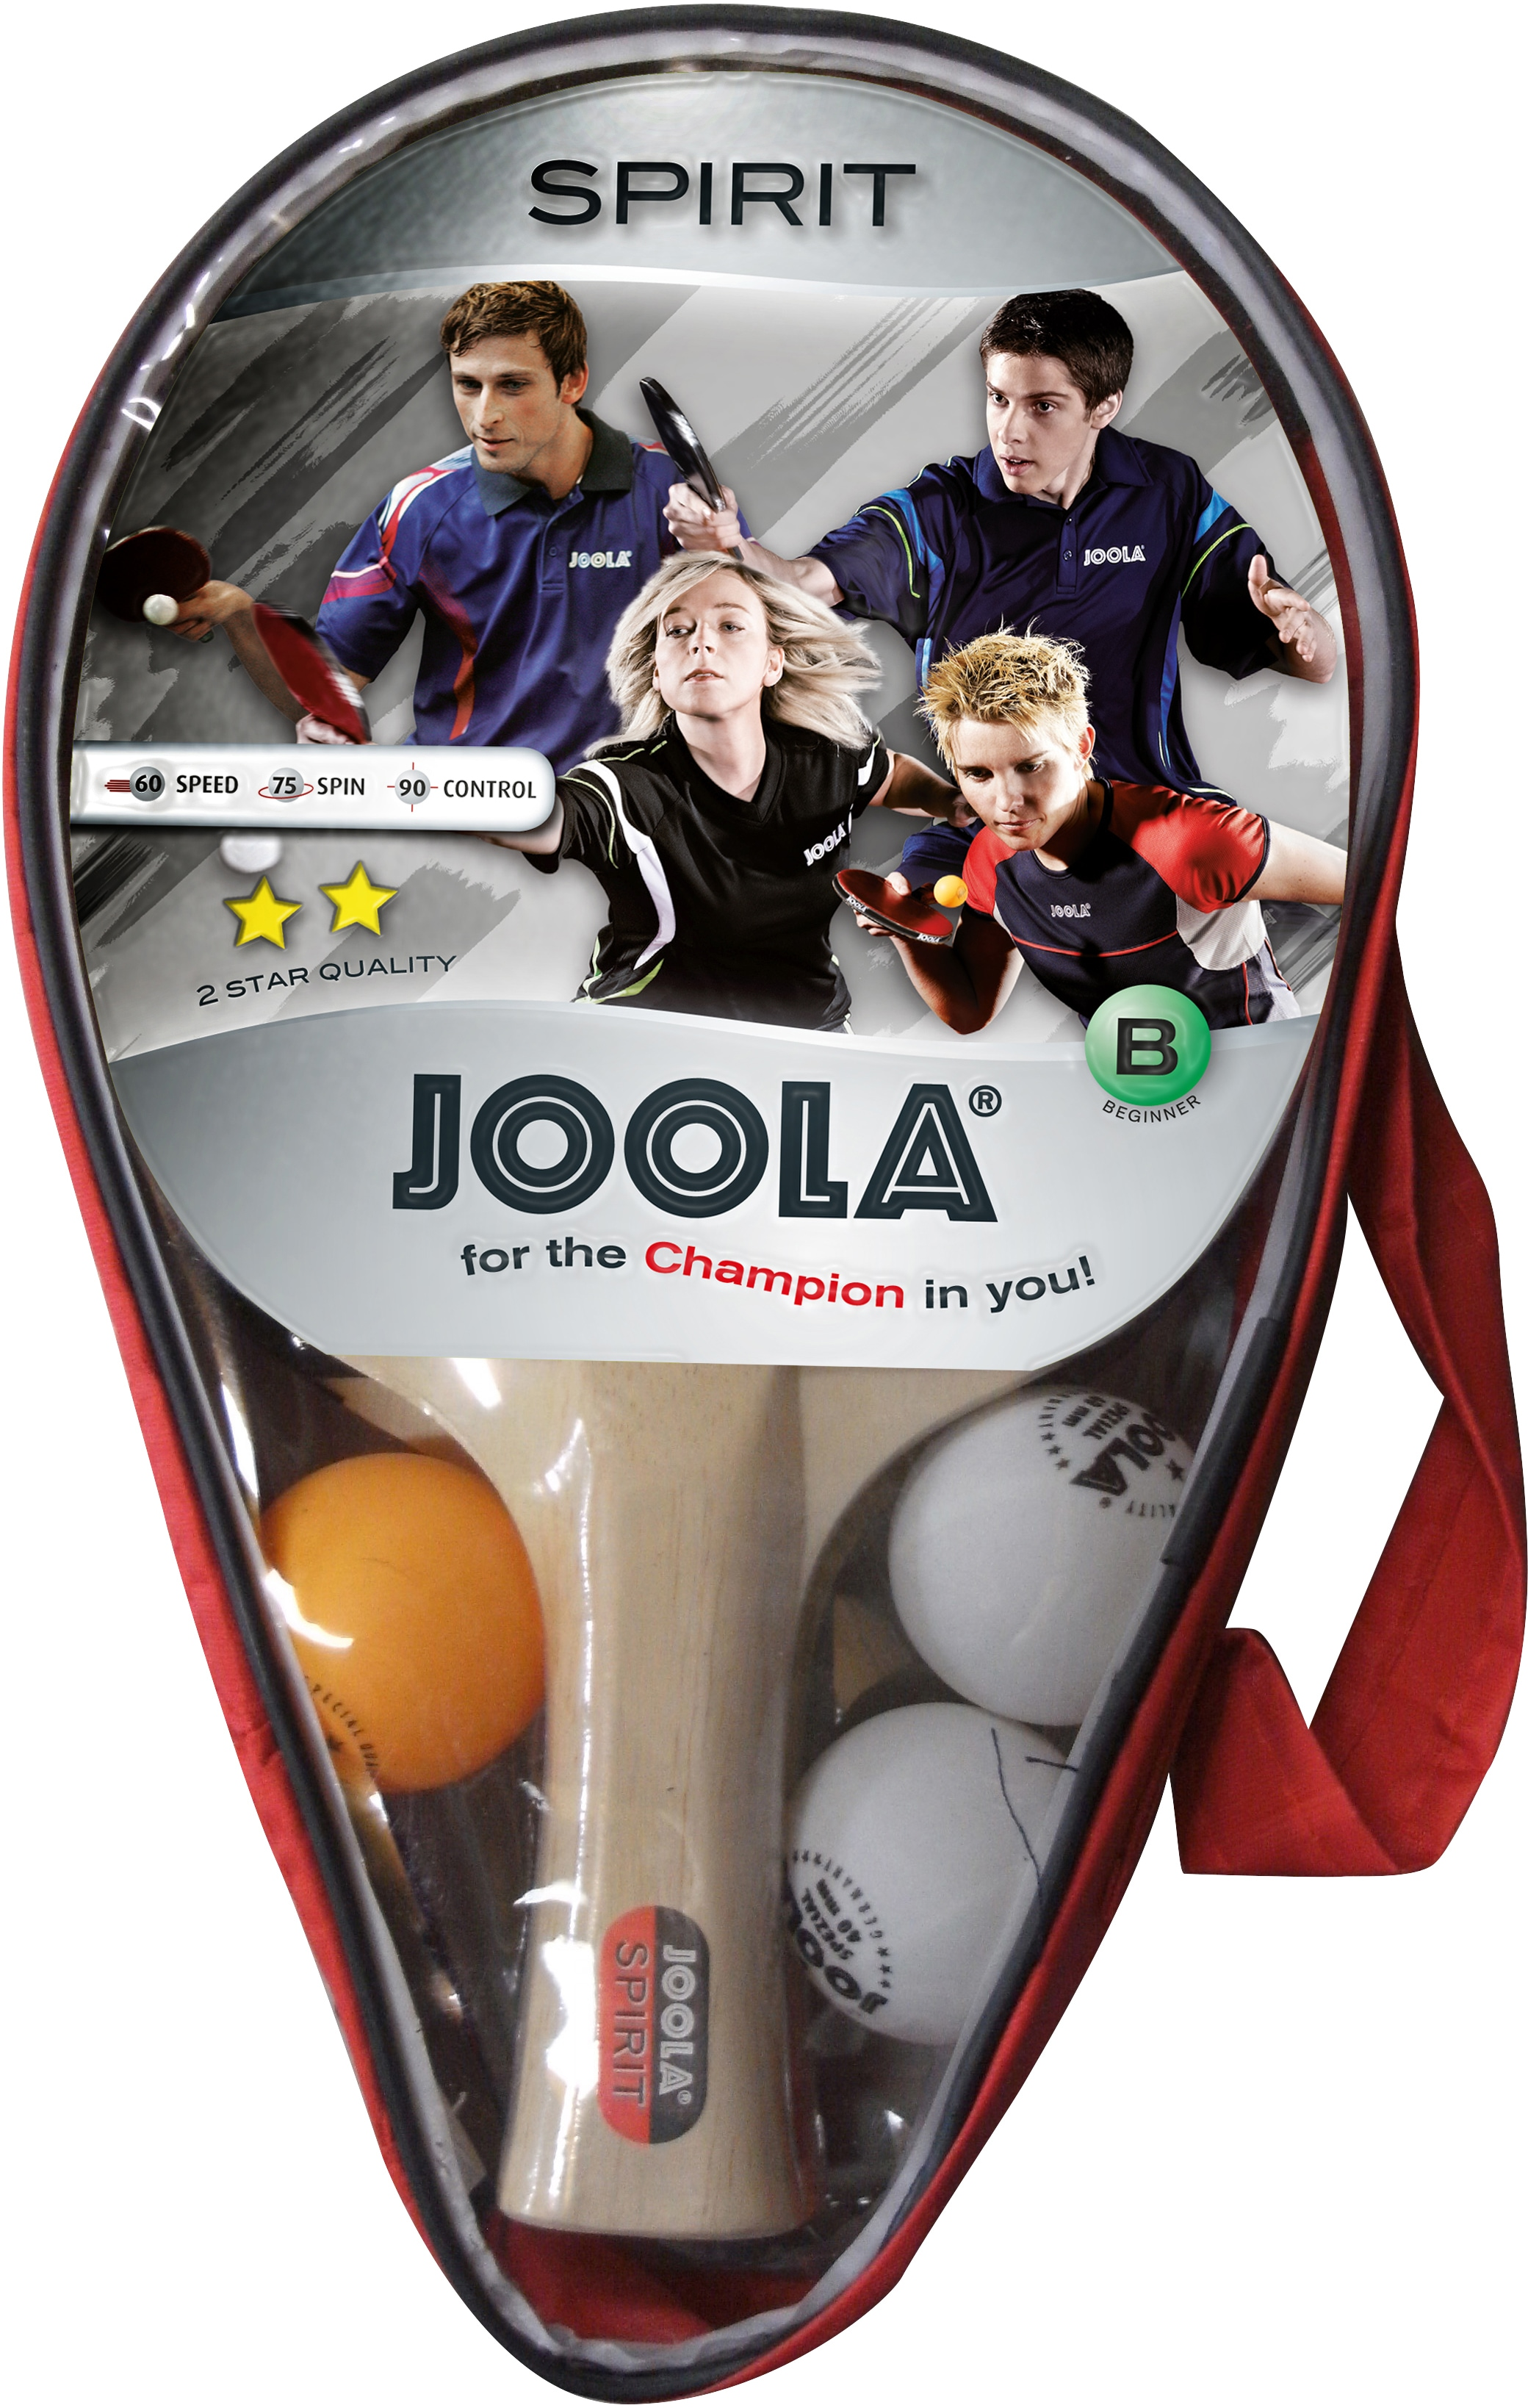 Joola Tischtennisschläger Carat / Spirit, (Set, 6 tlg., mit Bällen-mit Schlägerhülle-mit Tasche) beige Tischtennis-Ausrüstung Tischtennis Sportarten